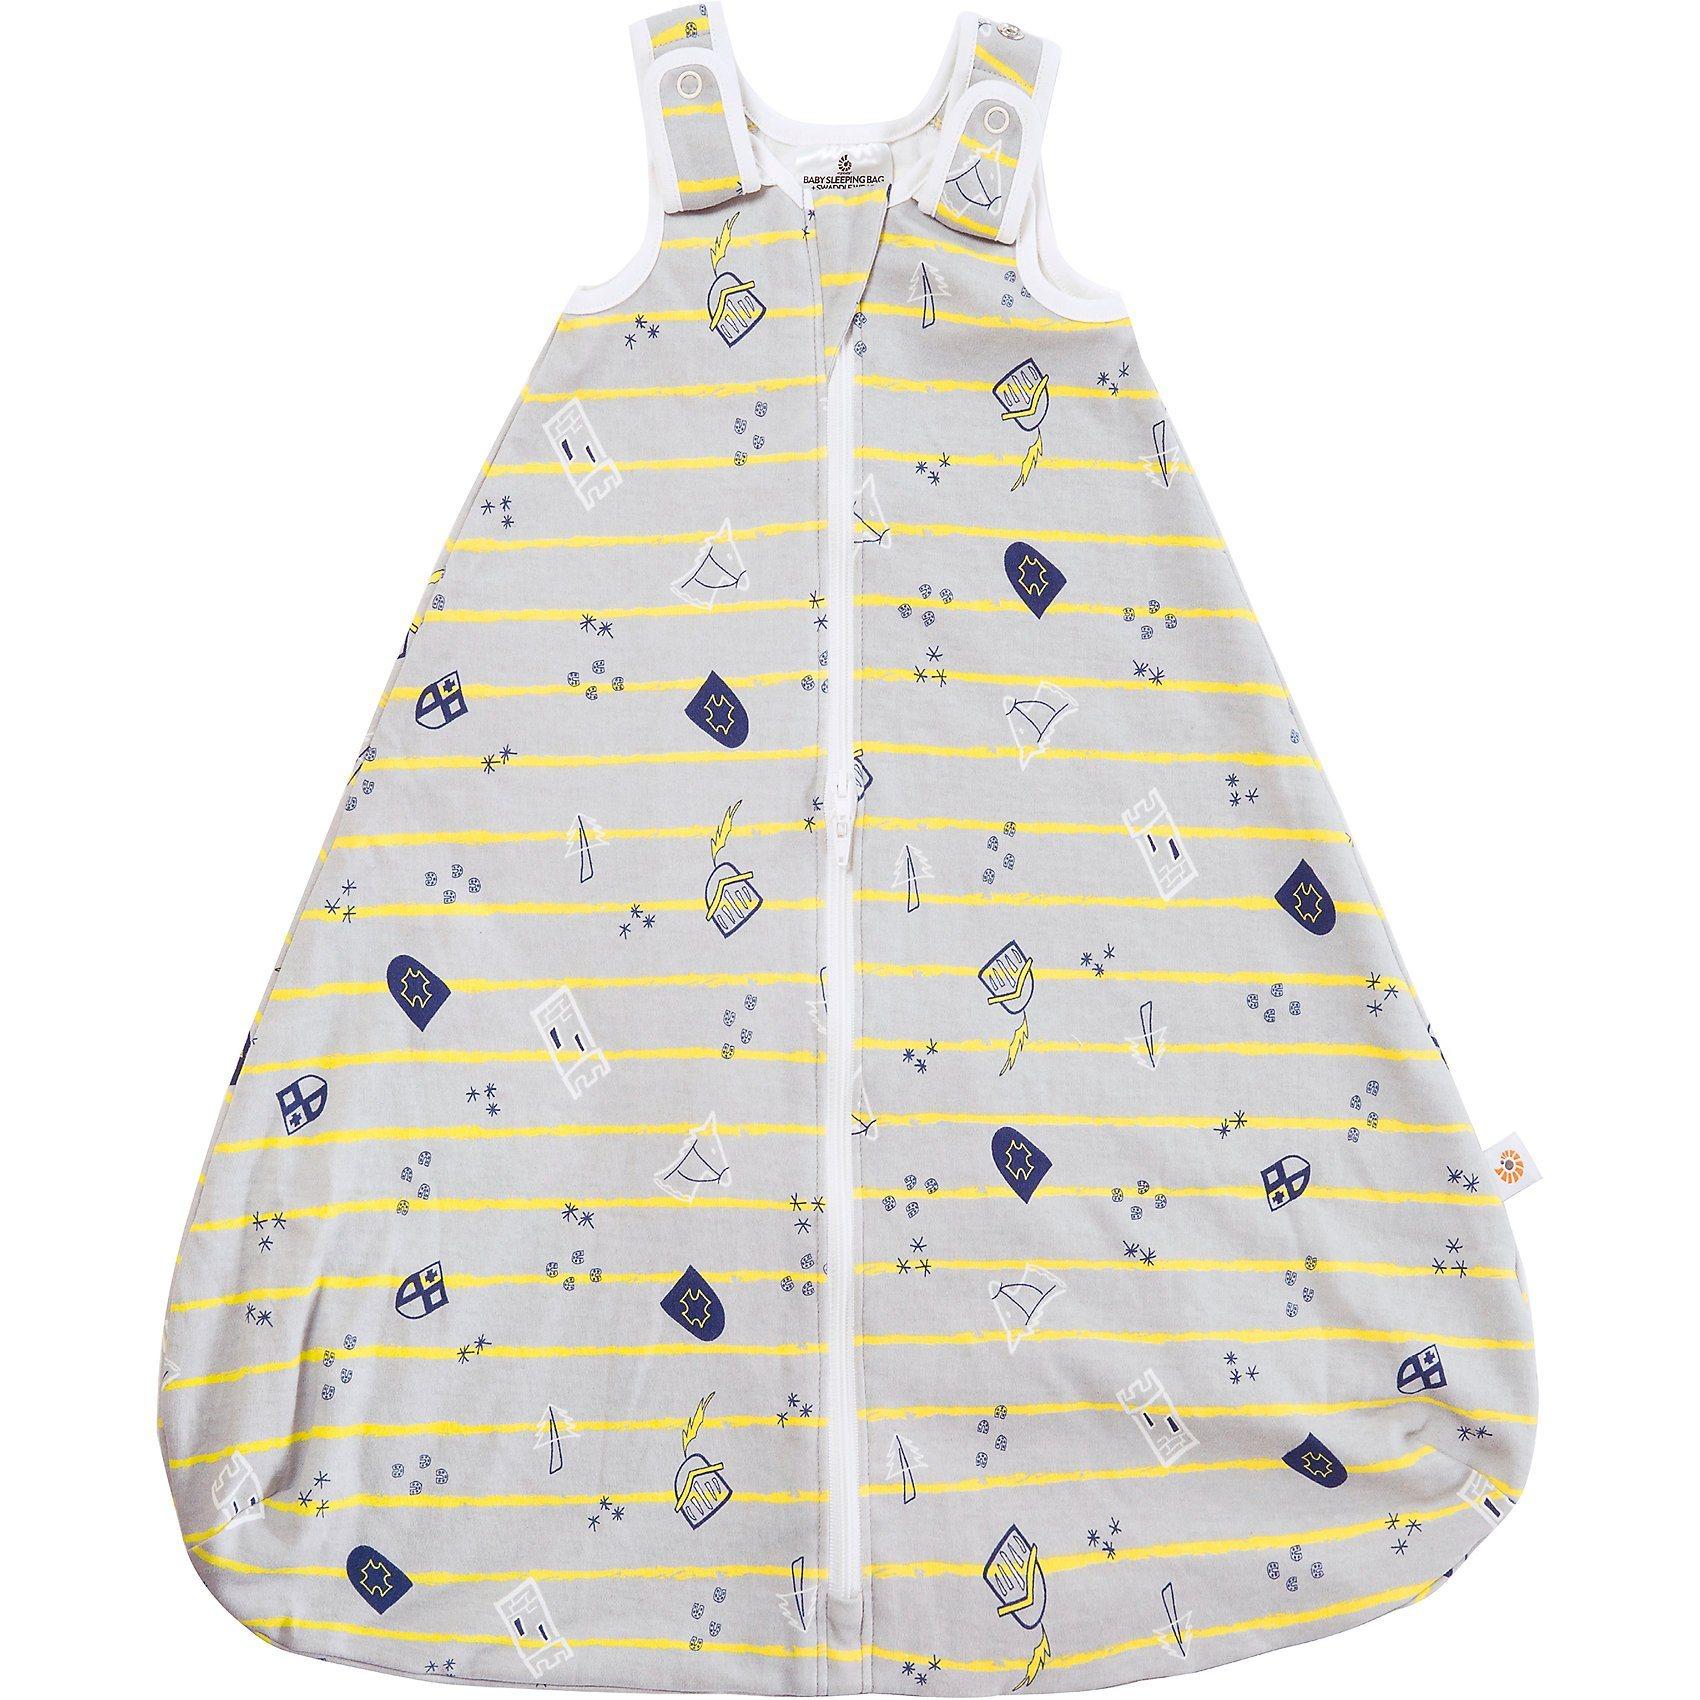 Ergobaby Schlafsack Brave Night, beige | Kinderzimmer > Textilien für Kinder > Babytextilien | Baumwolle | Ergobaby